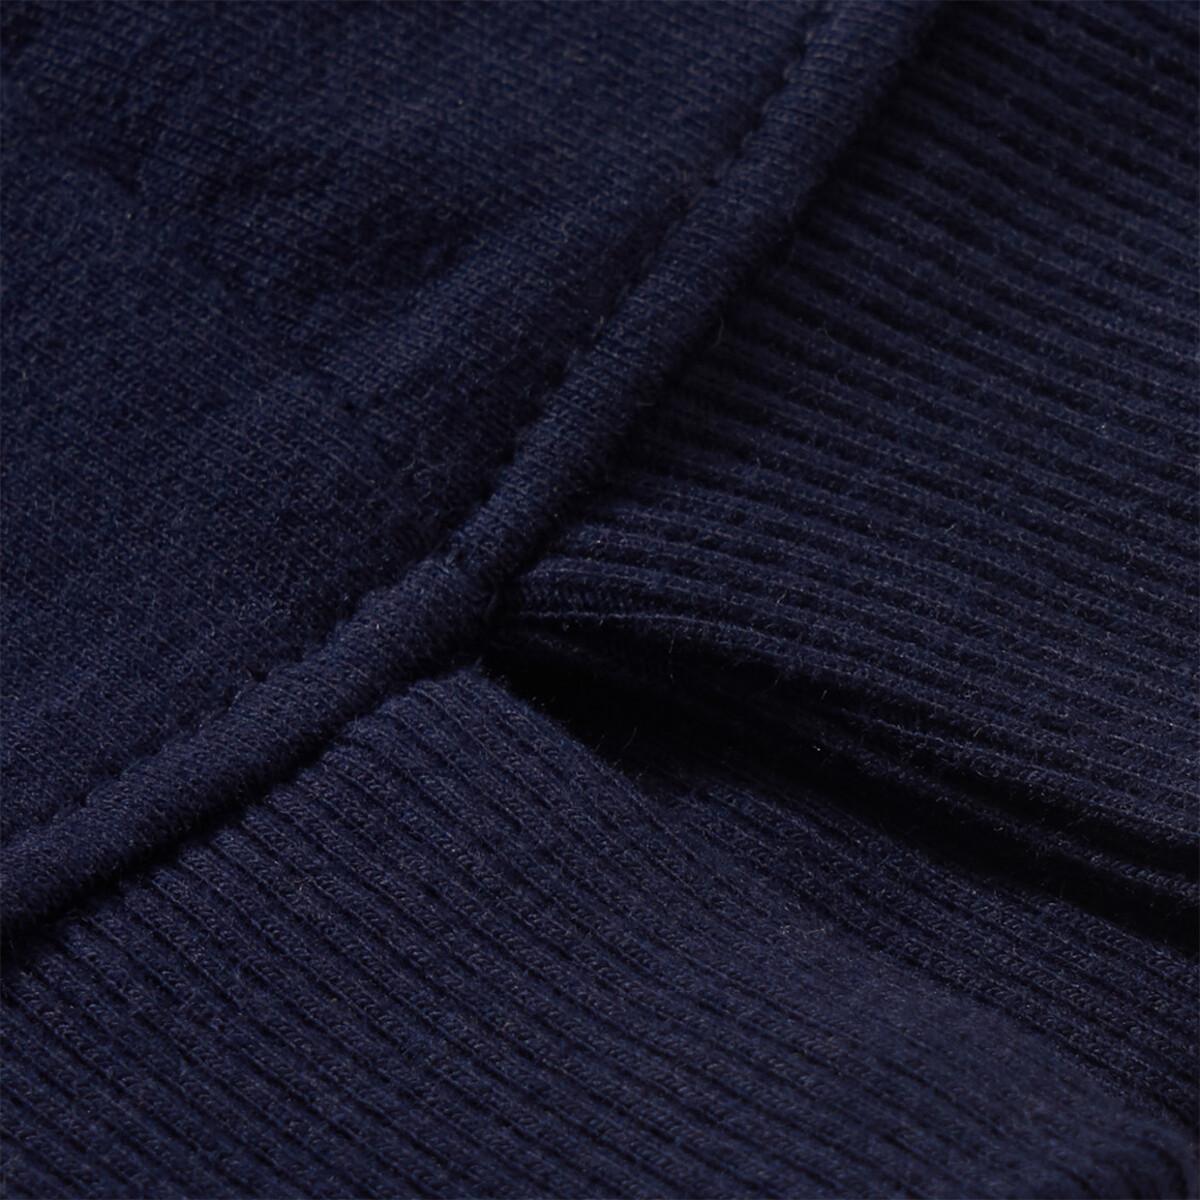 Bild 5 von Mädchen Sweatshirt mit Plüsch-Applikation